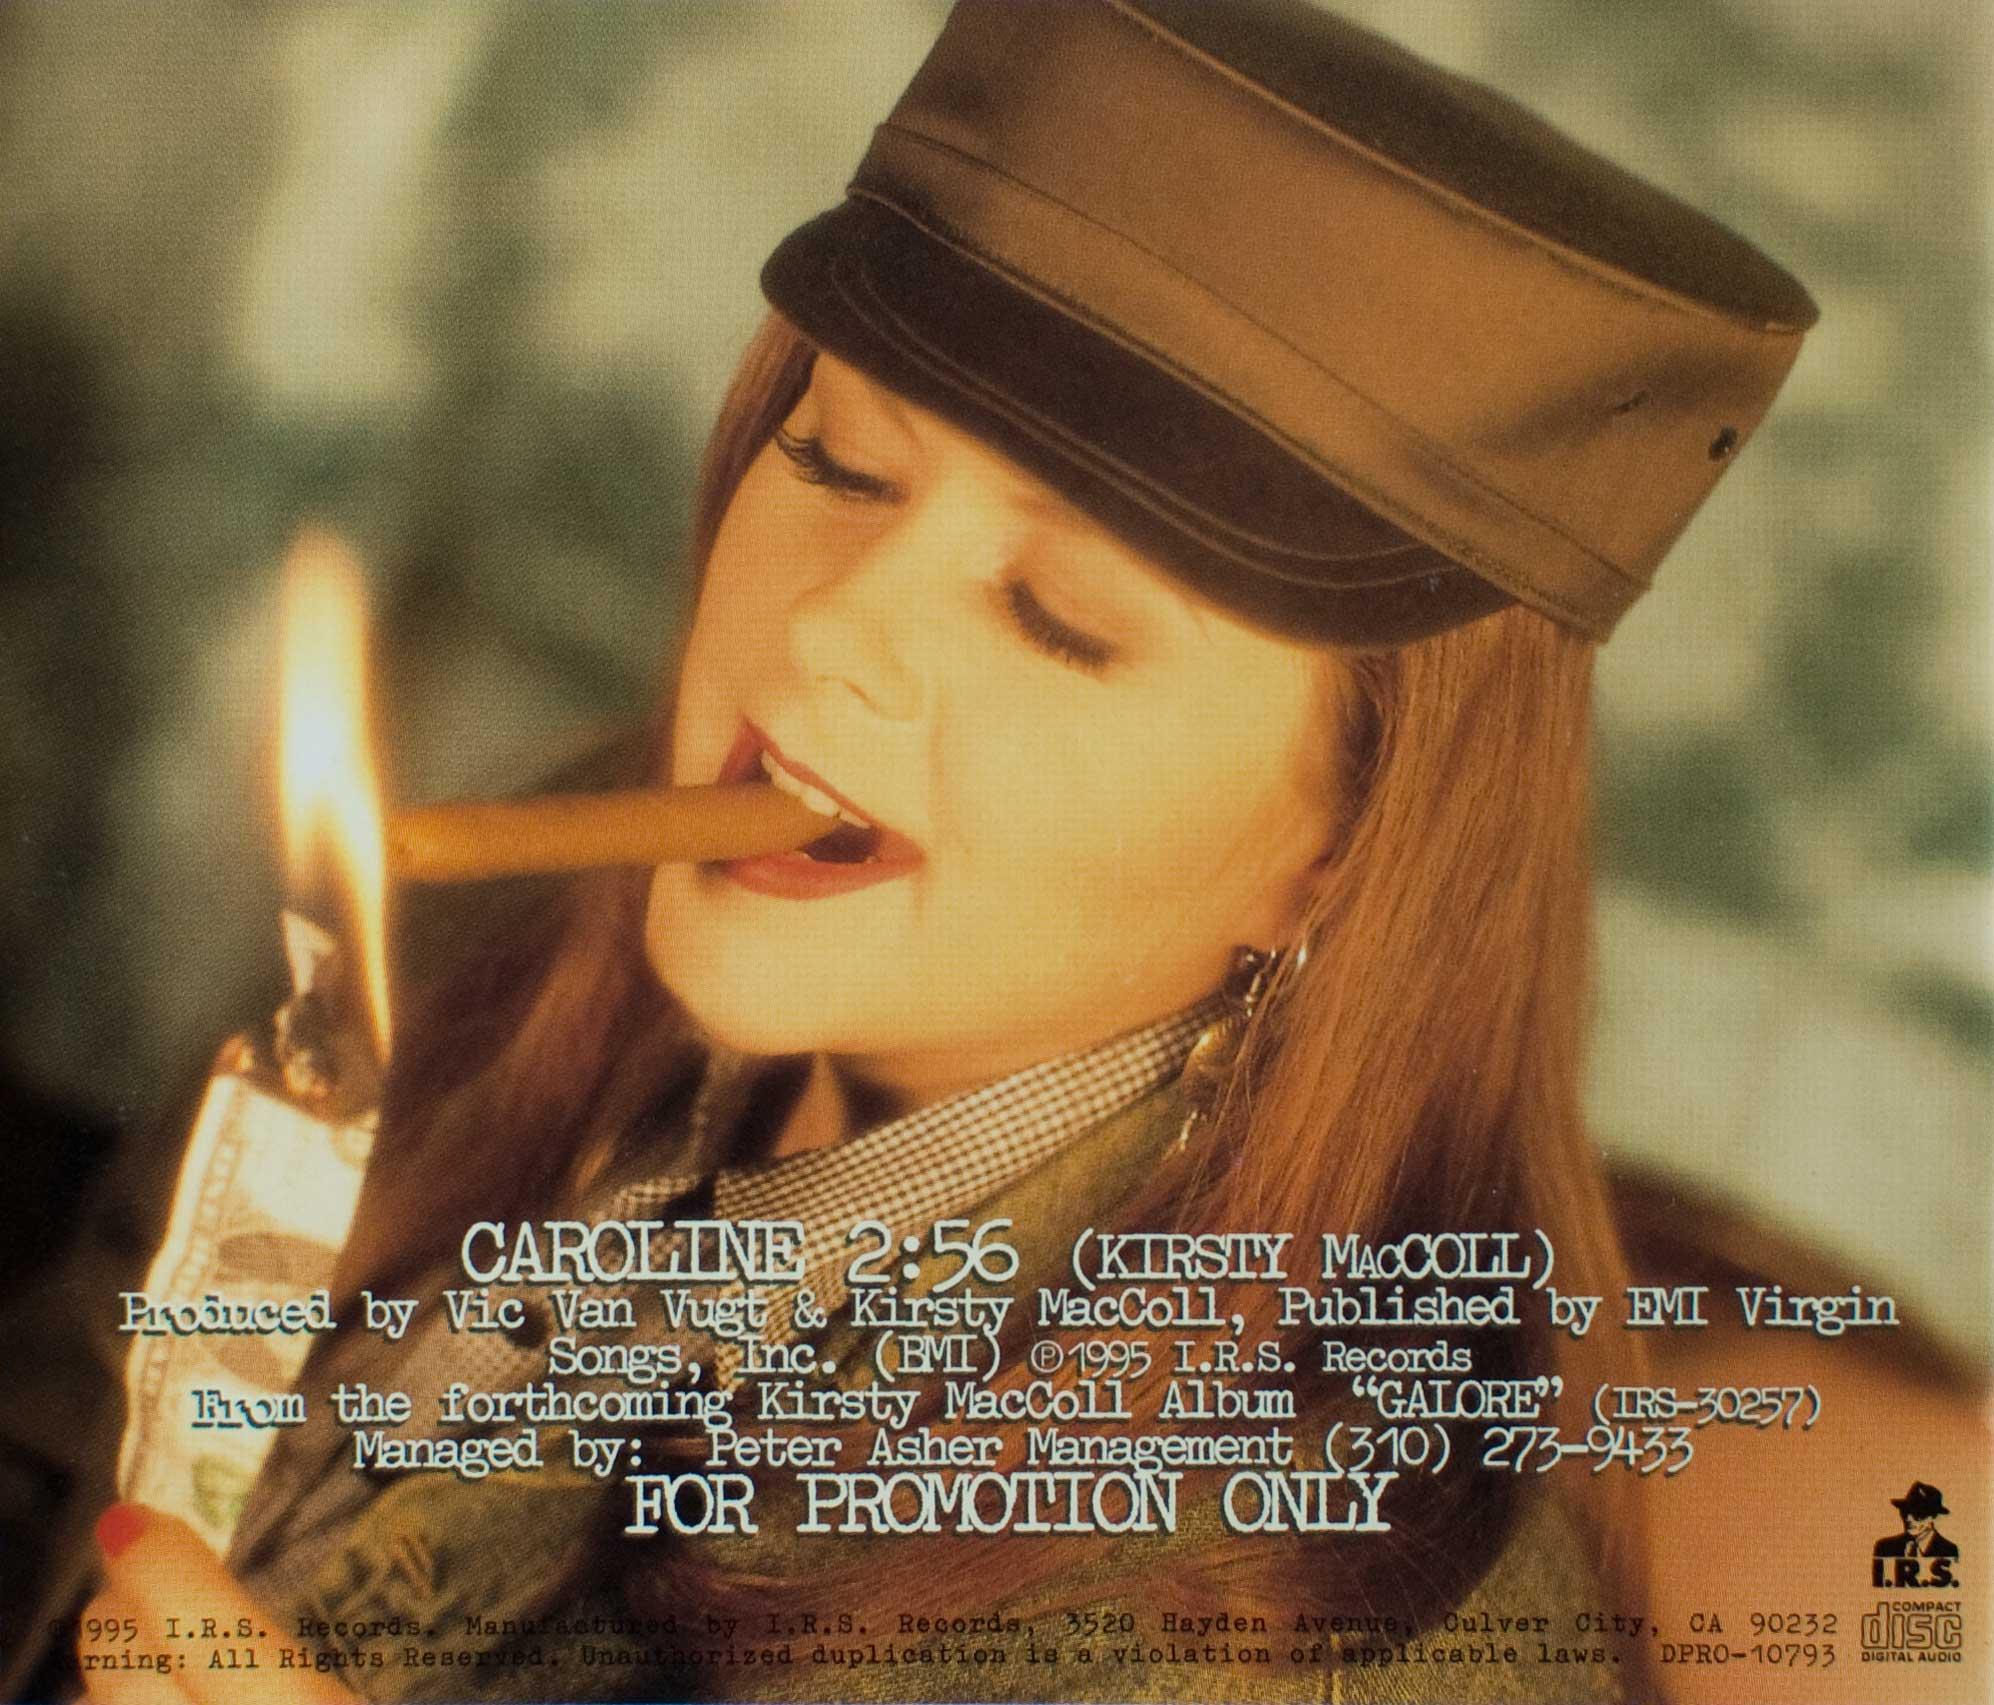 Caroline (CD promo) back cover